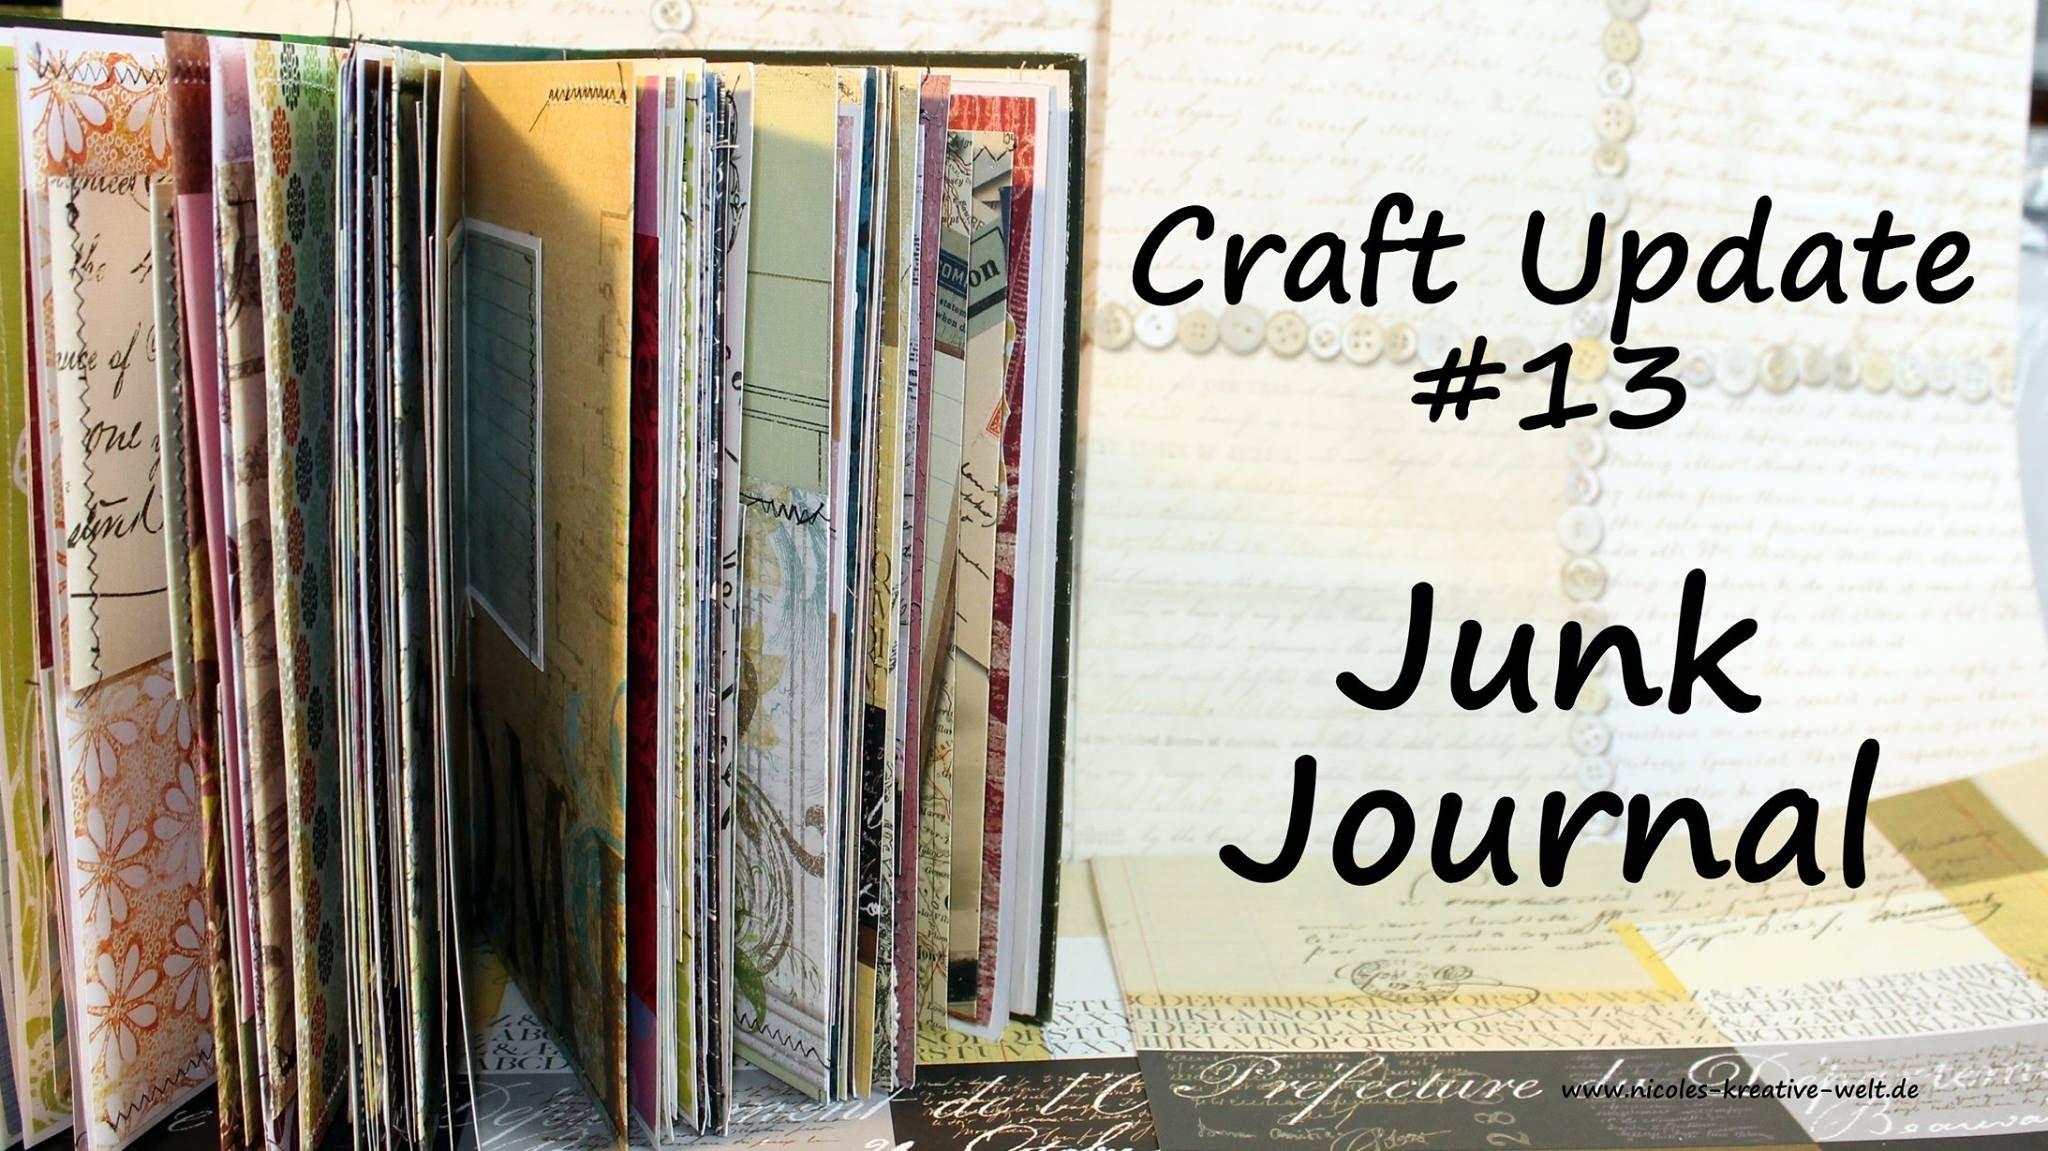 [Craft Update #13] Junk Journal |HD|